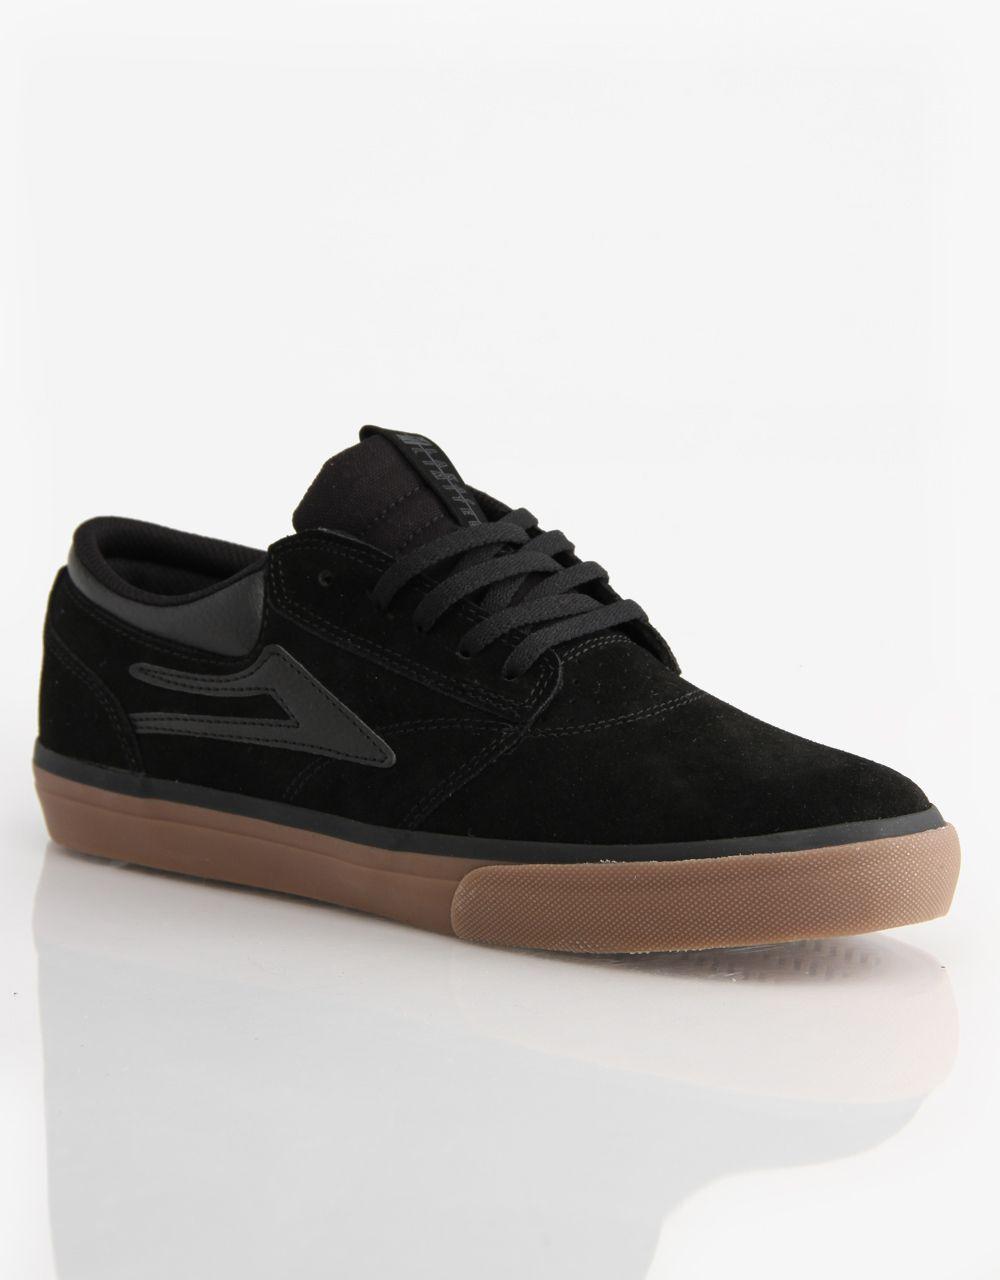 Lakai Griffin Skate Shoes - Black/Gum Suede